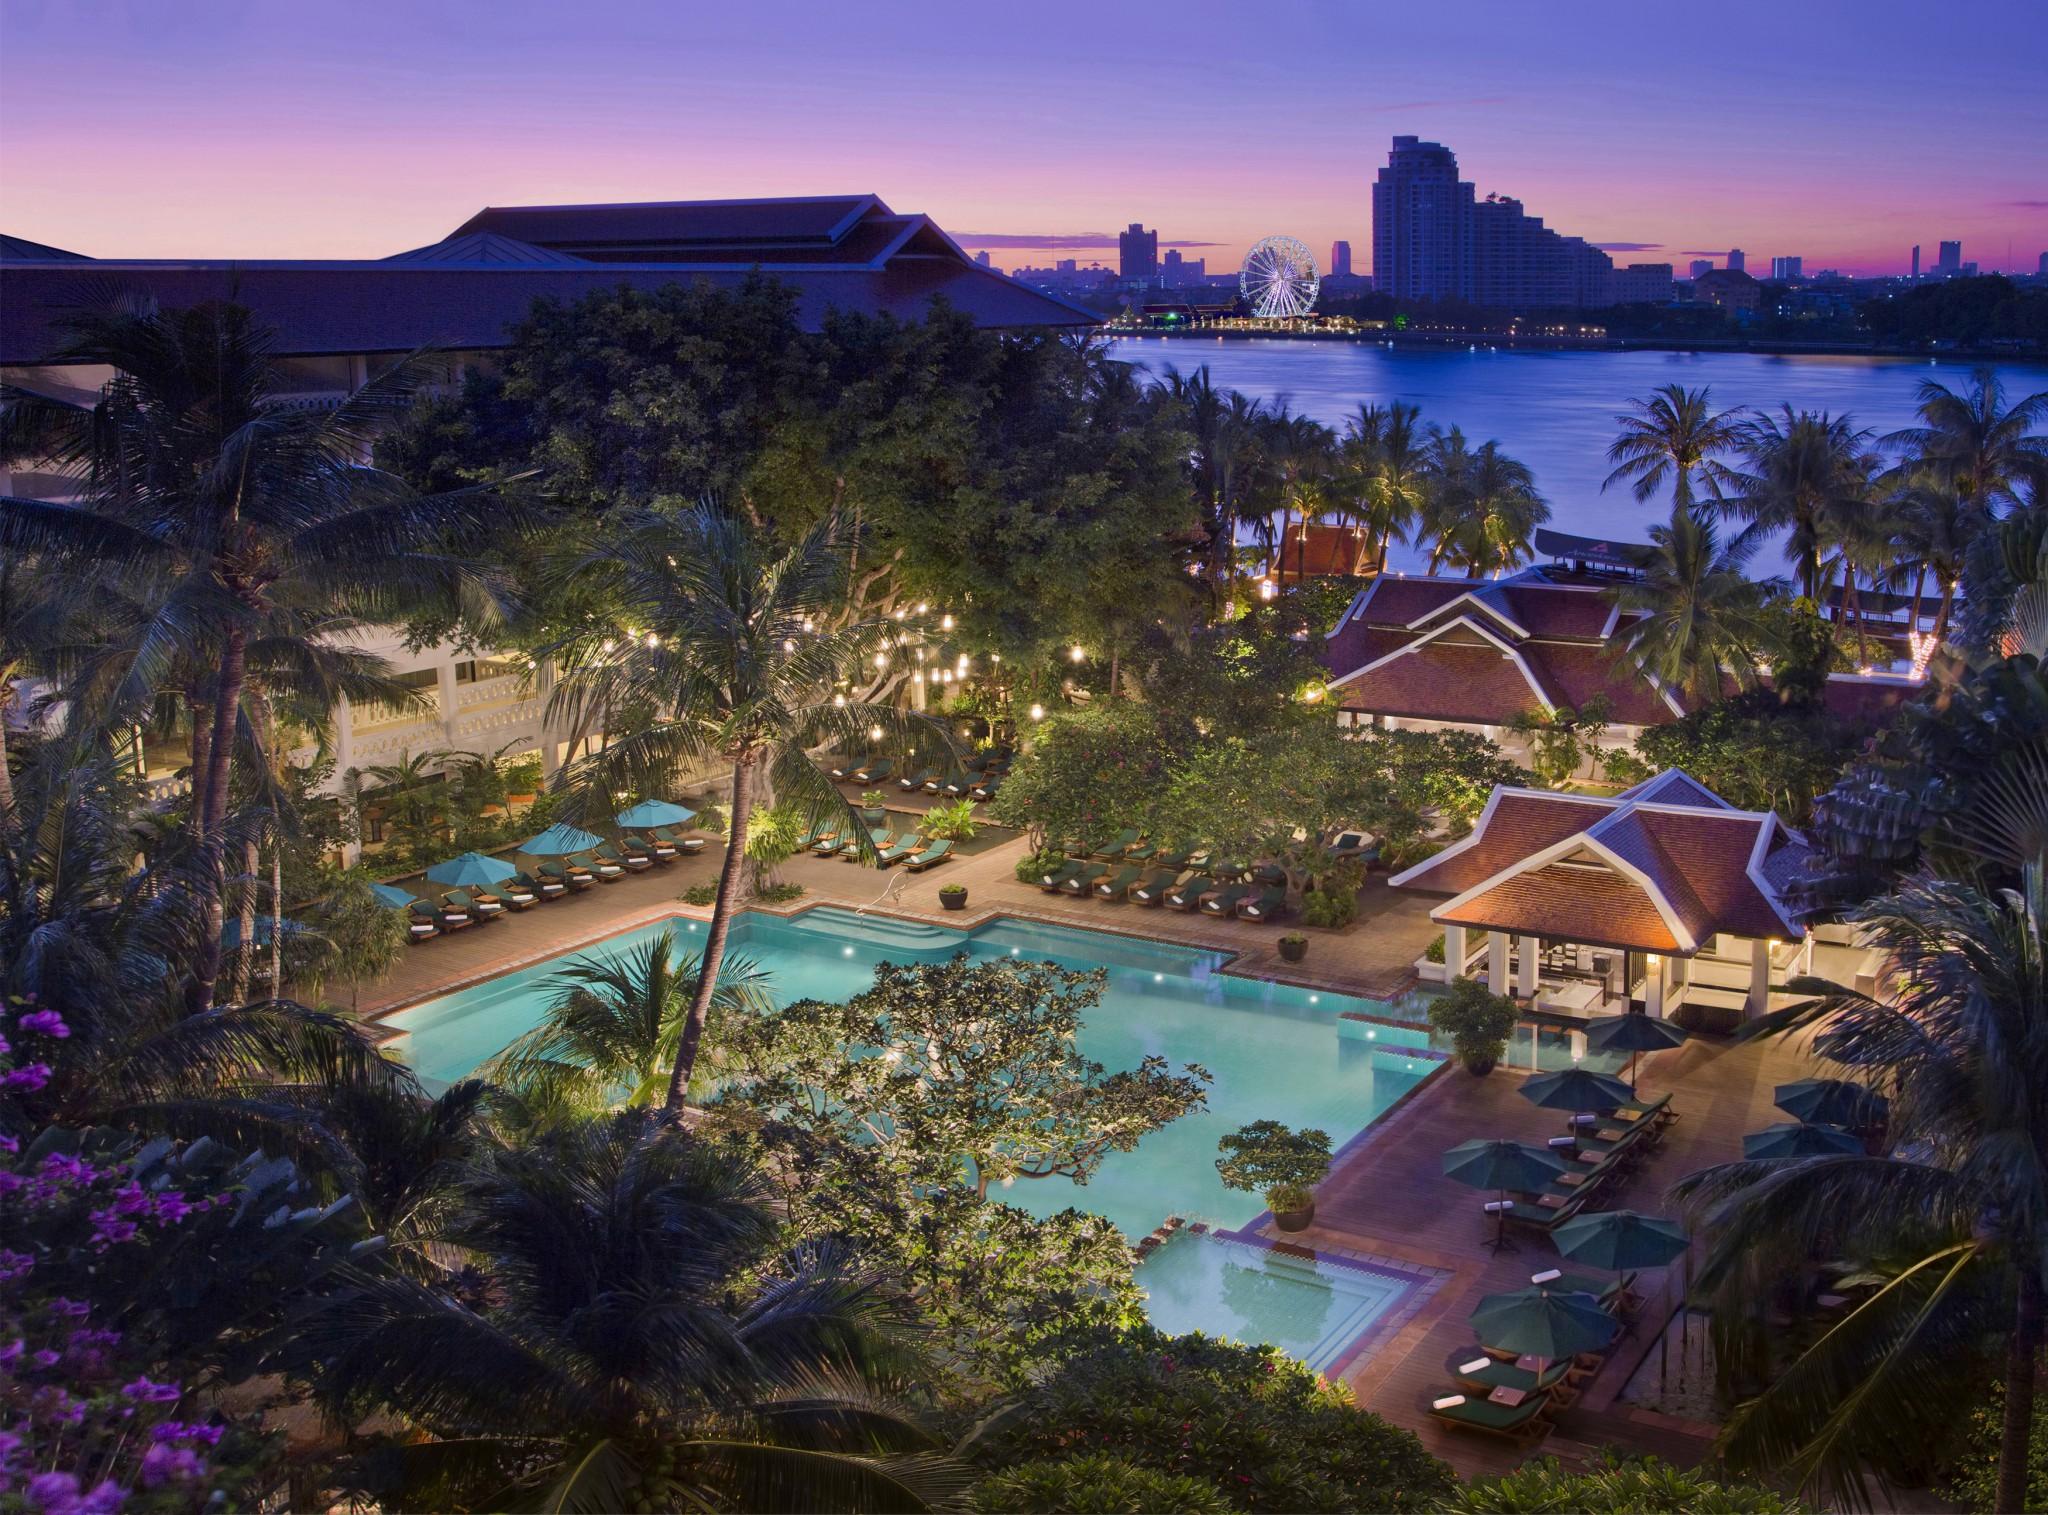 Anantara Riverside Resord är ett av många flodnära lyxhotell i Bangkok. Foto: Anantara